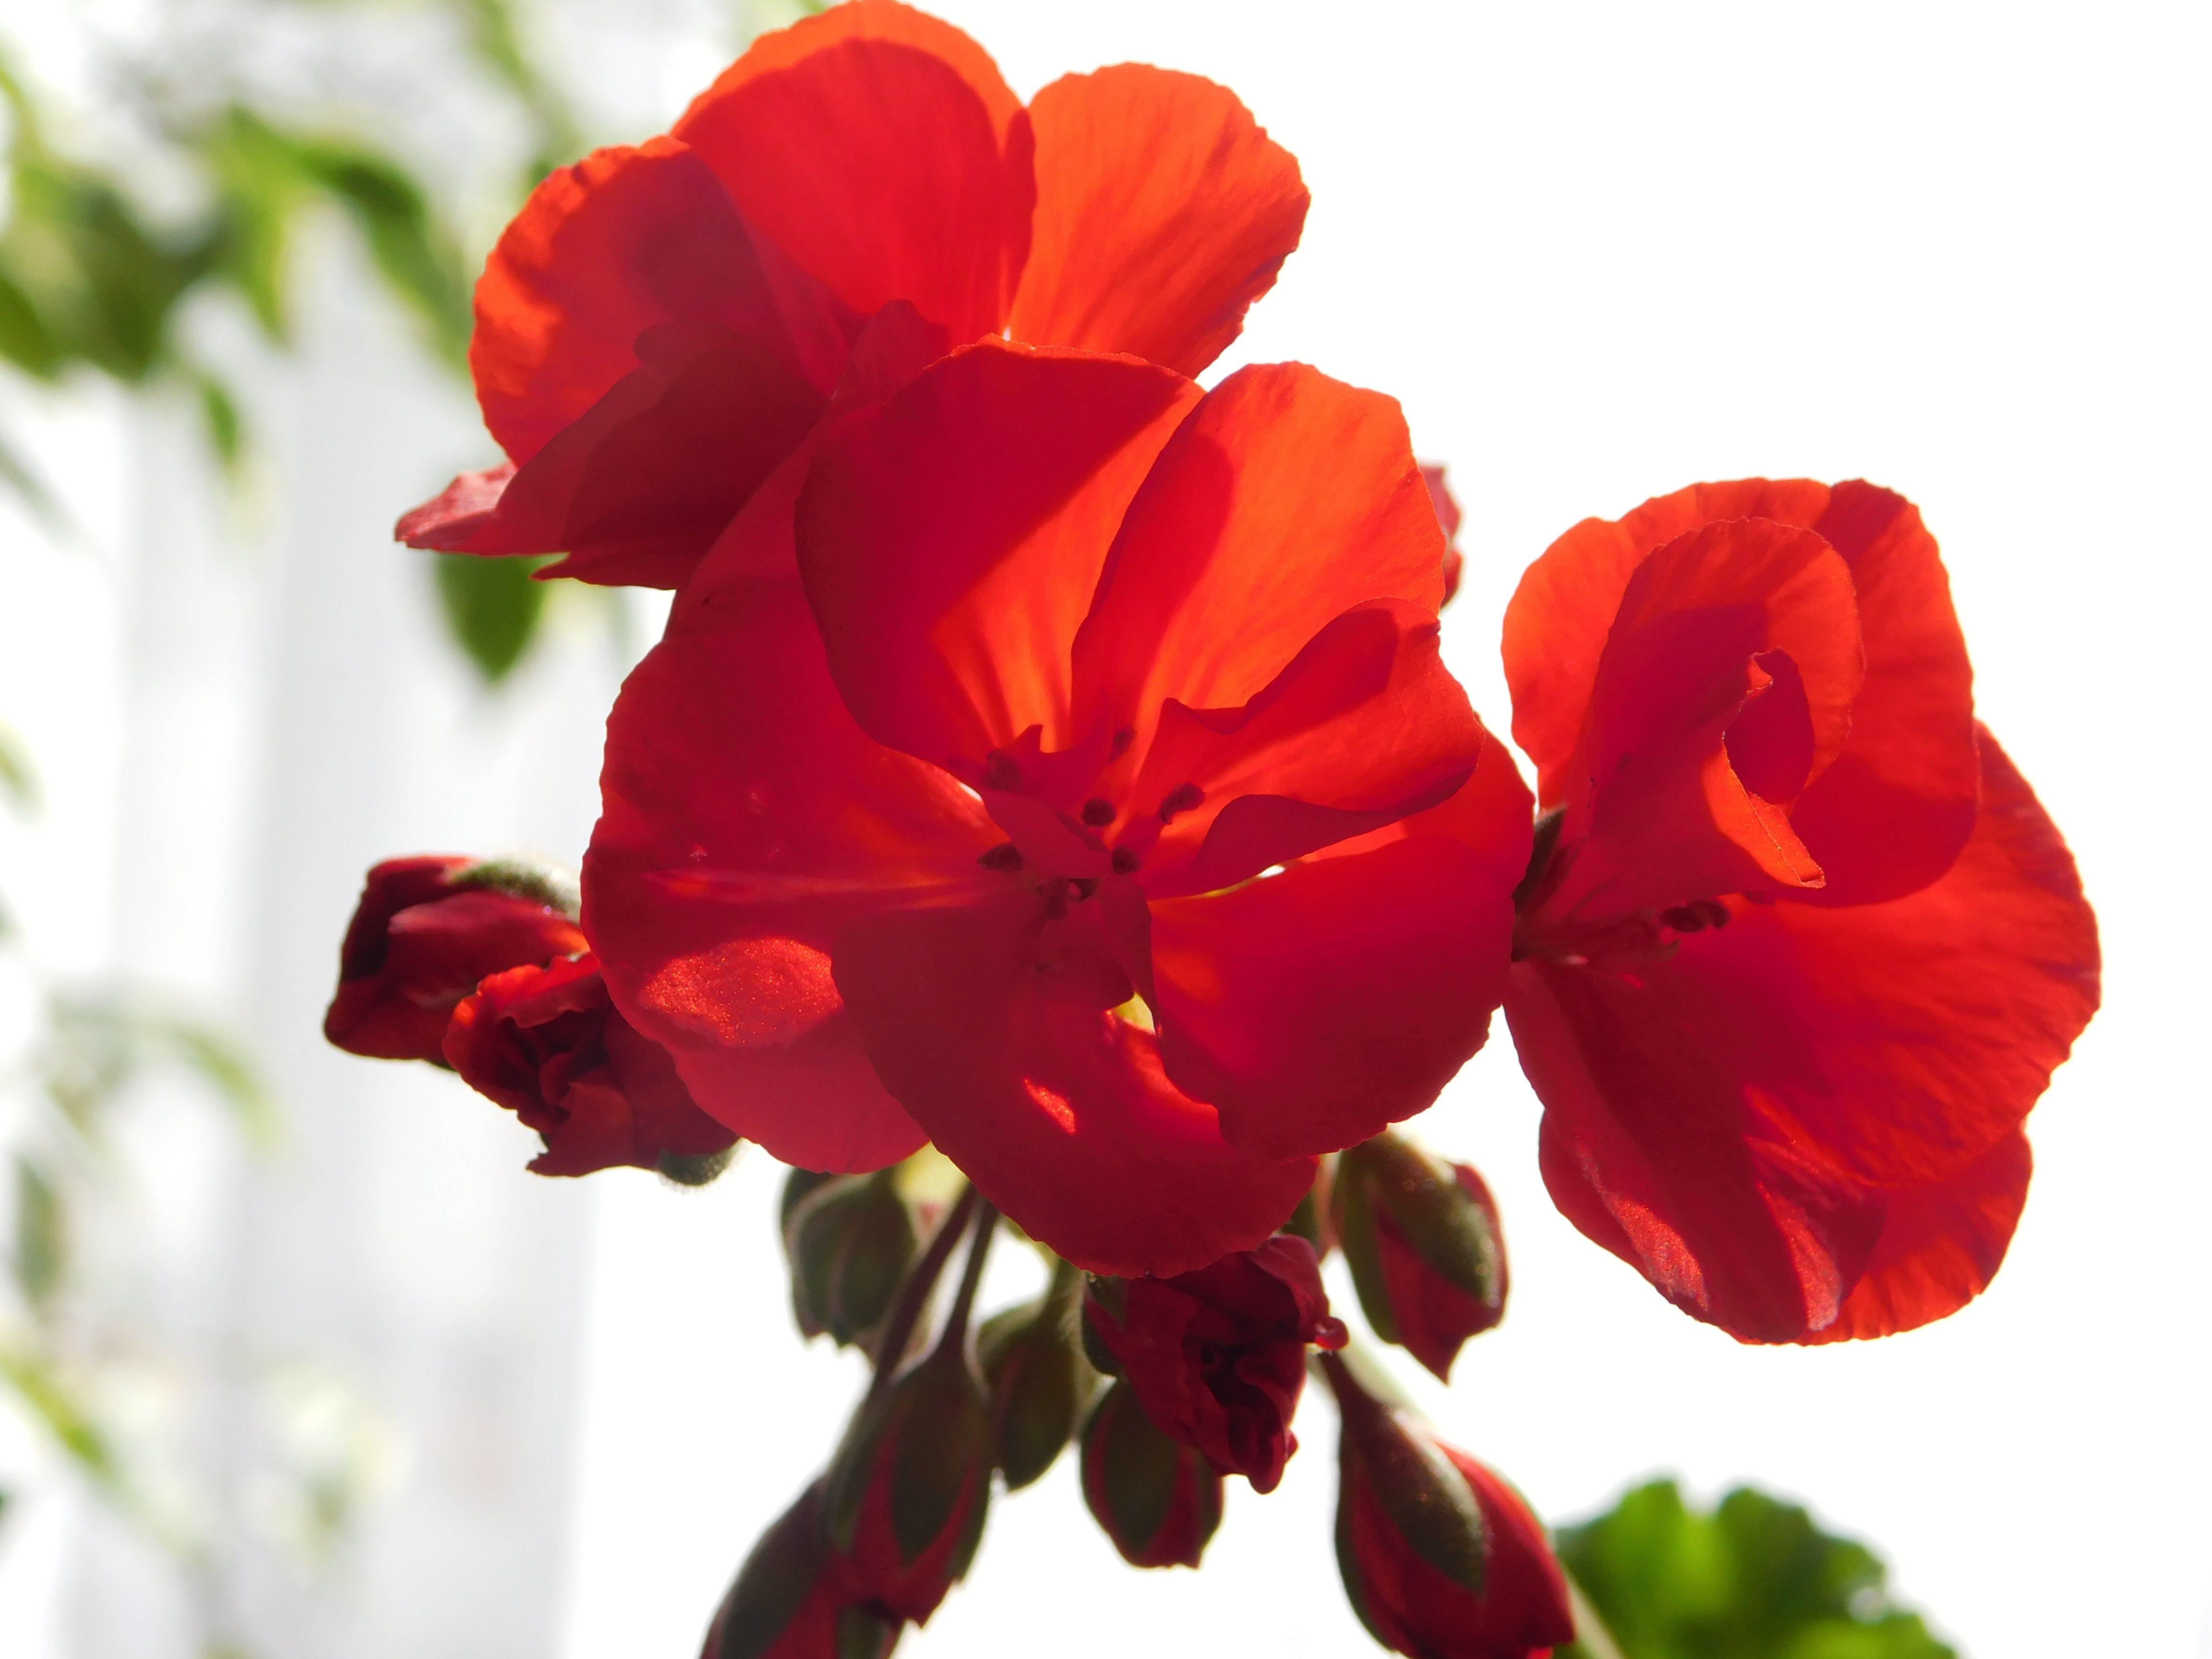 Darmowe zdjęcie z galerii z uwielbiam czerwone kwiaty